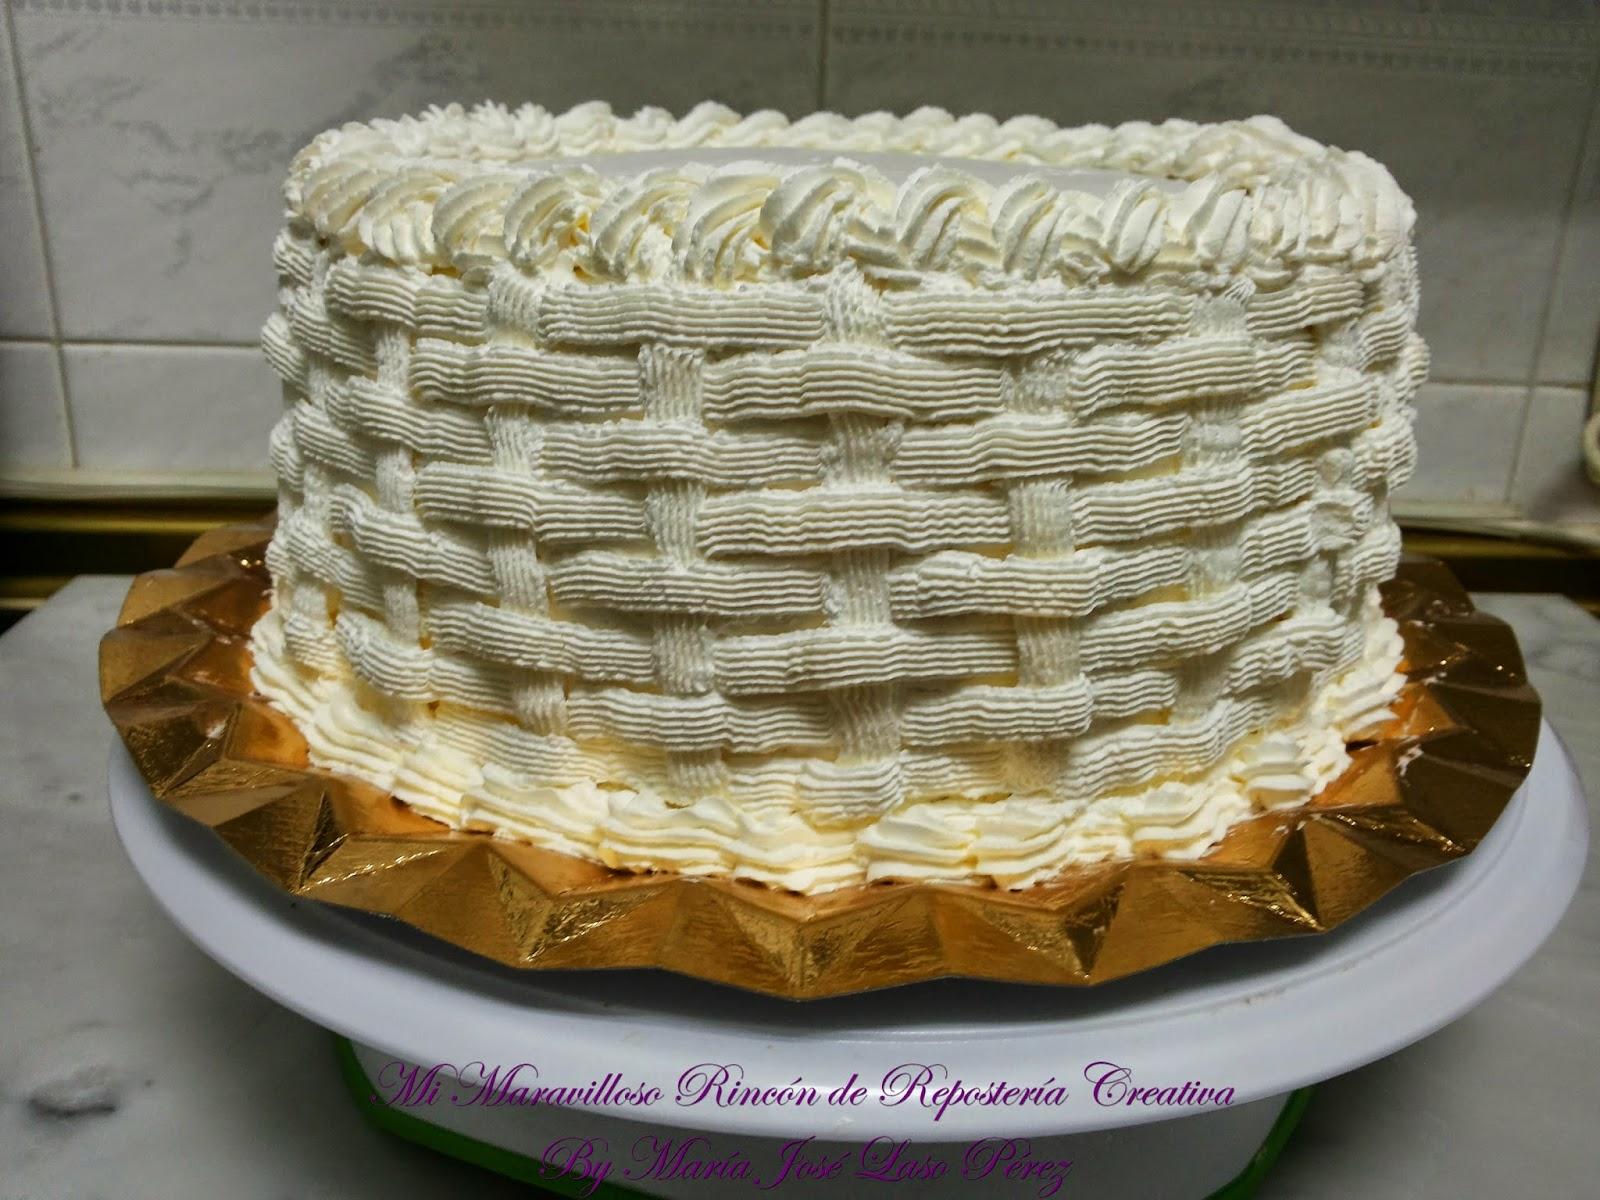 Para cubrir el contorno de la tarta, con el entramado de cesta usé la